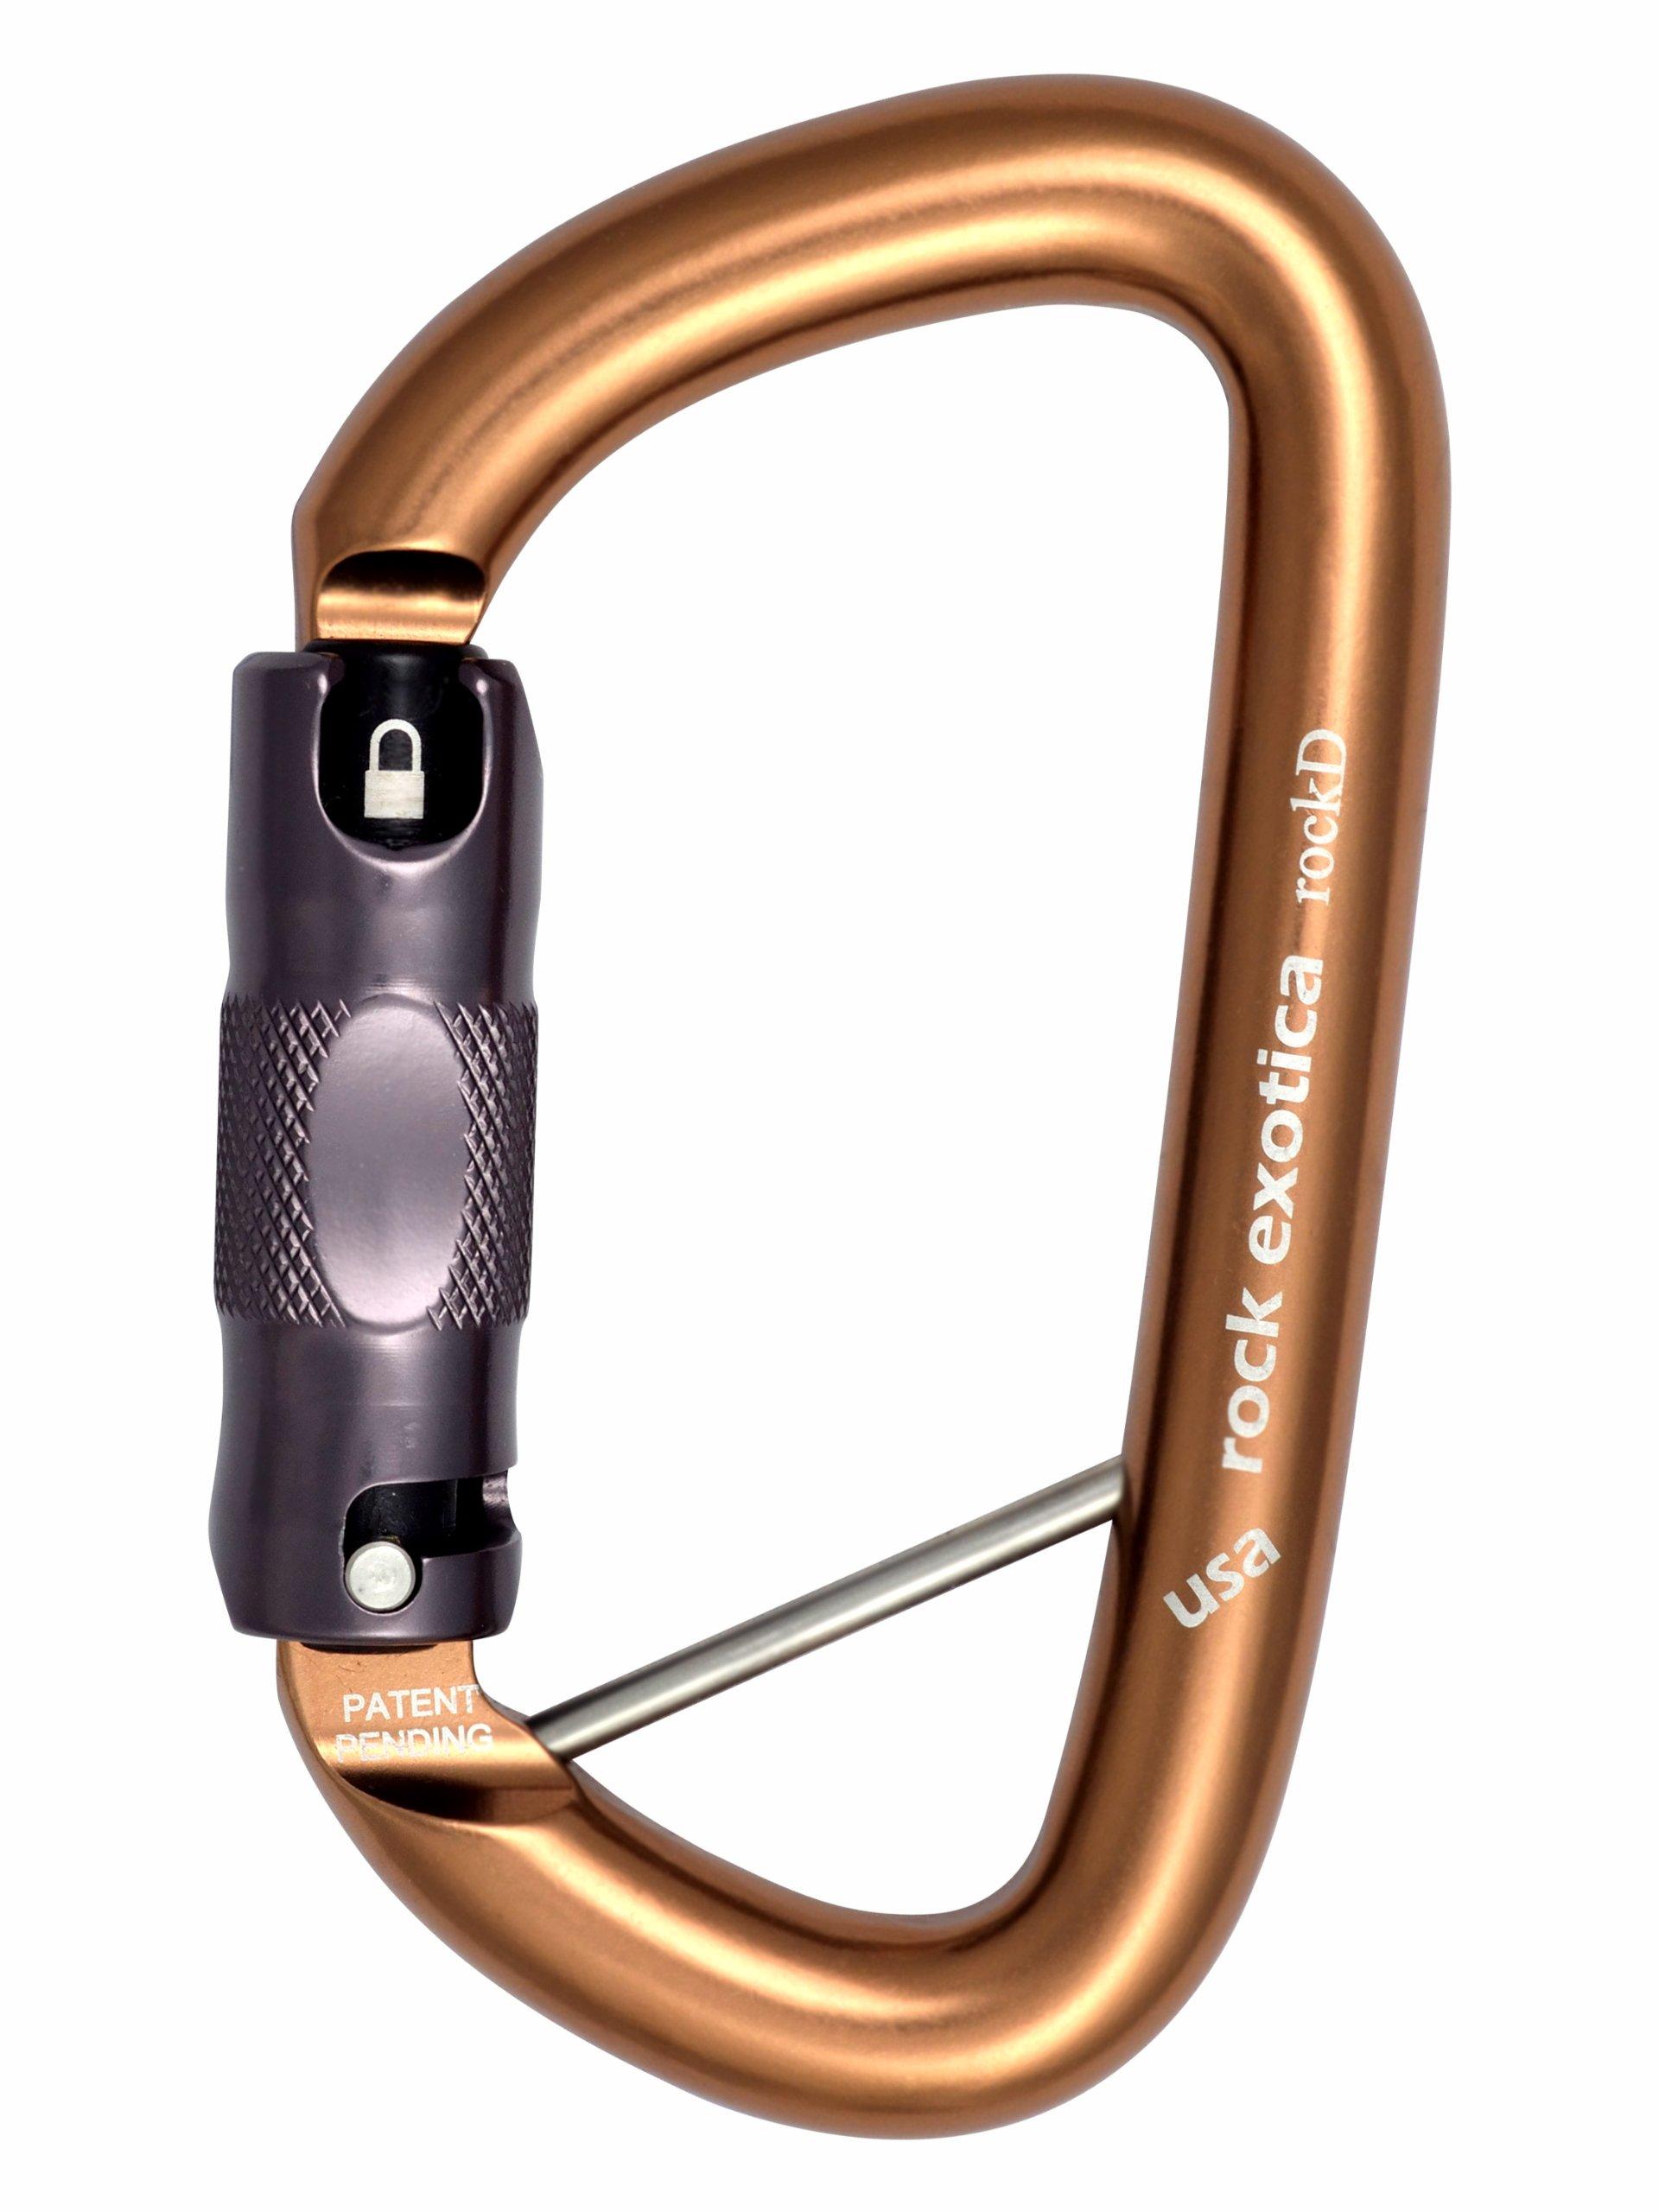 Rock Exotica rockD Locking Carbiner - Auto-Lock w/ Lanyard Pin